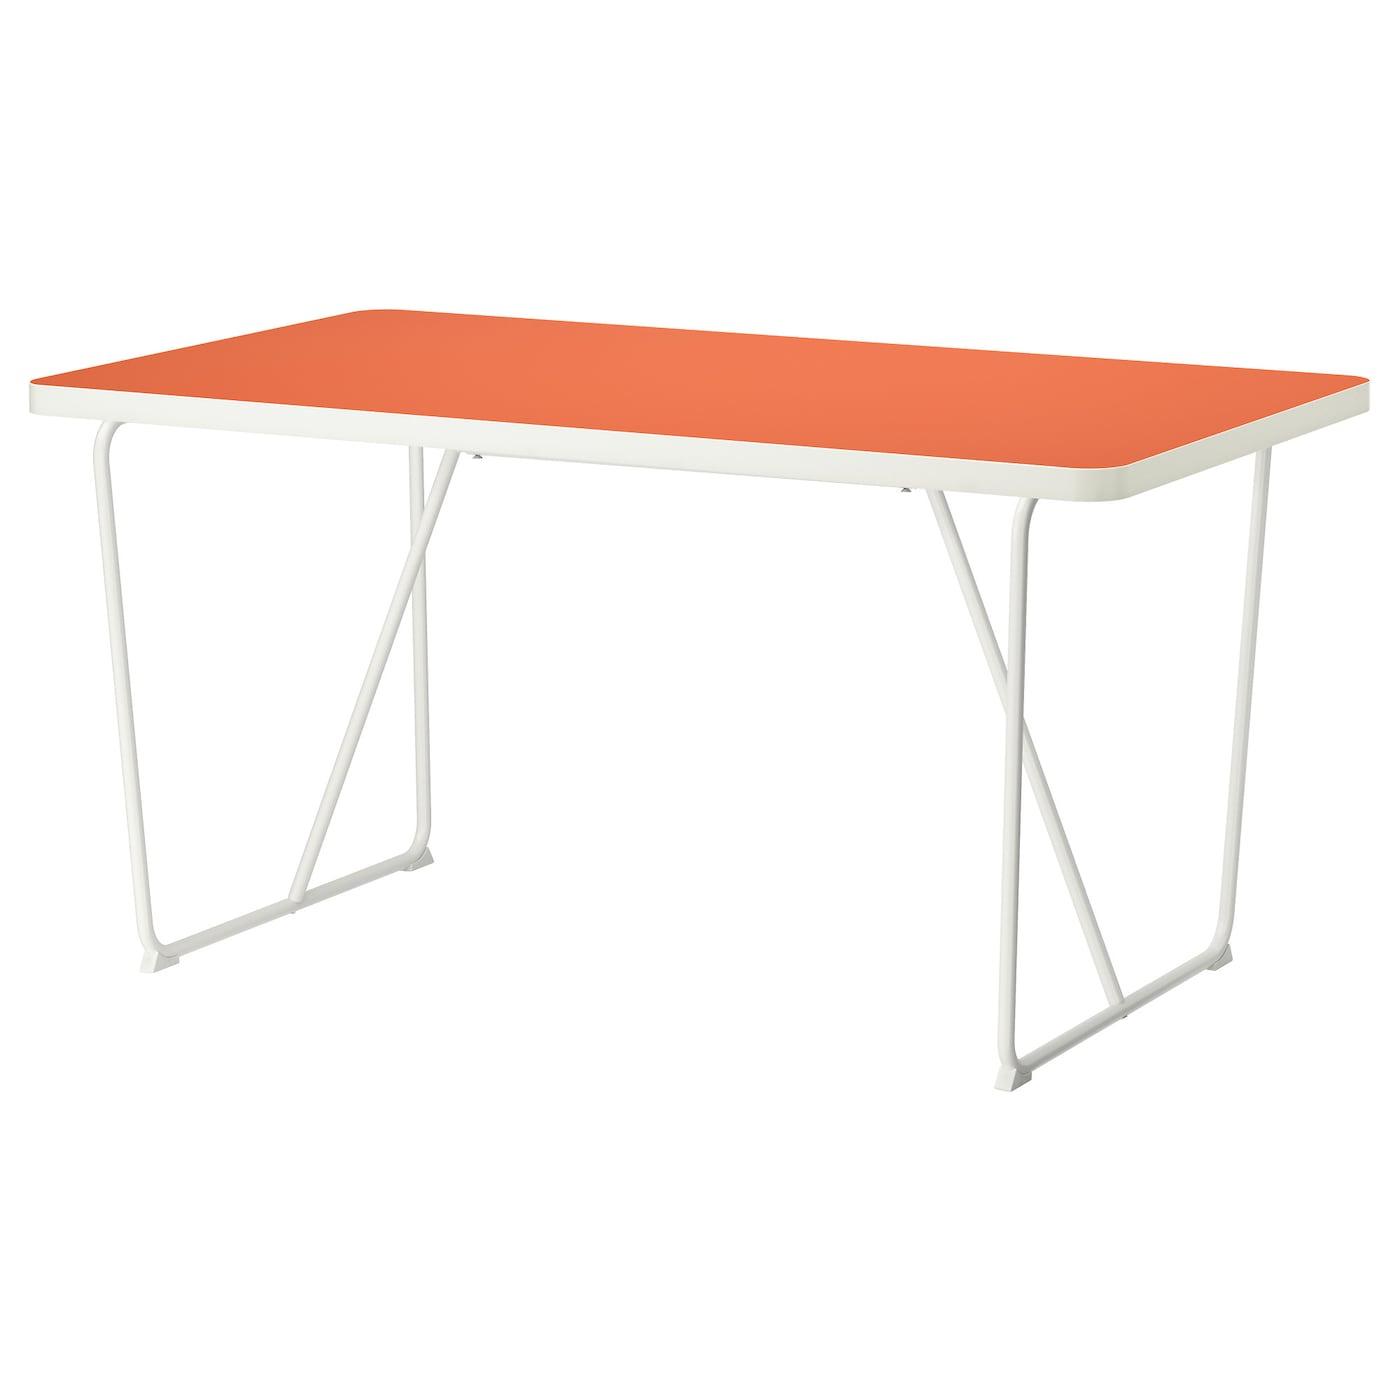 IKEA RYDEBÄCK Stół, pomarańczowy biały, pomarańczowy Backaryd biały, 150x78 cm